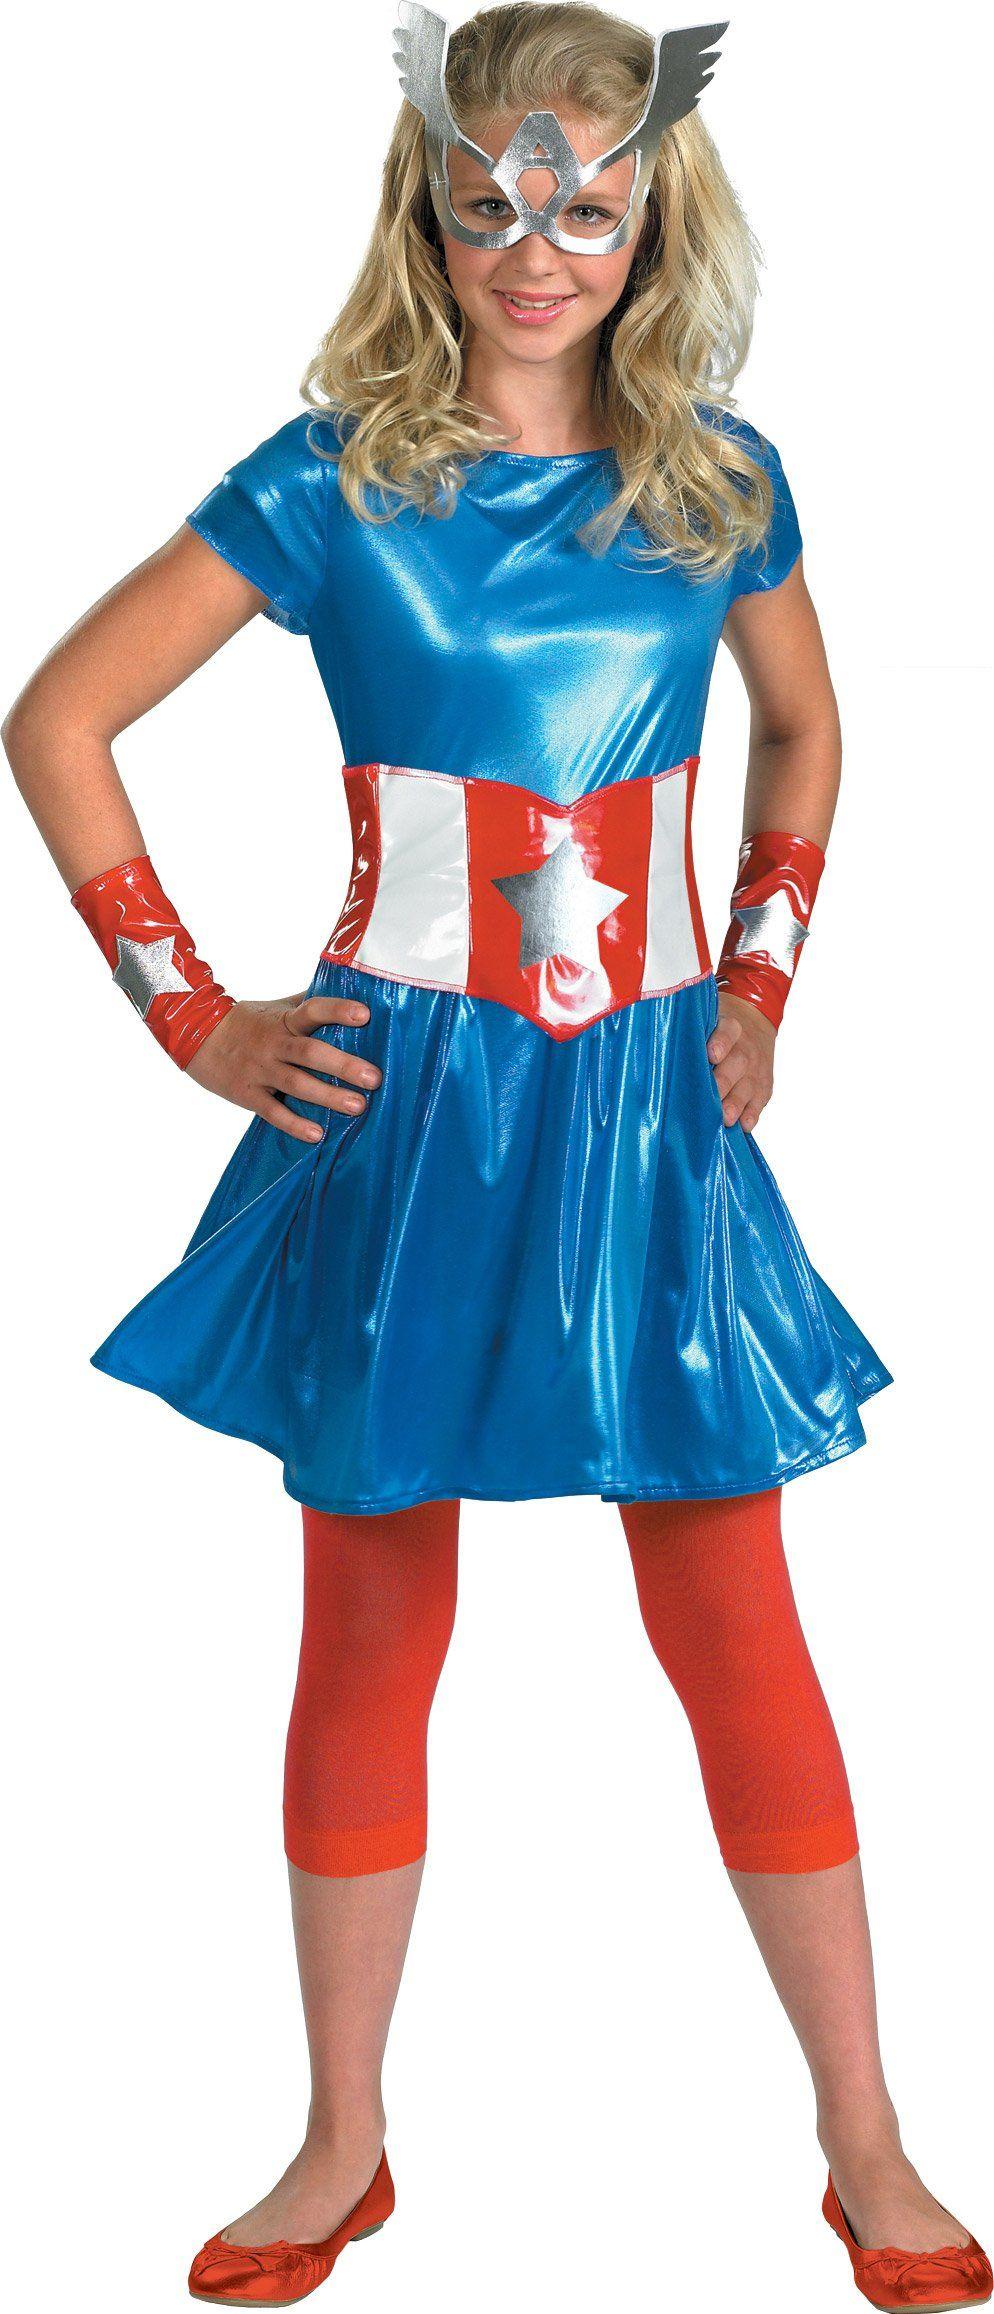 girl-xxx-halloween-costume-teen-girl-tawnee-stone-nude